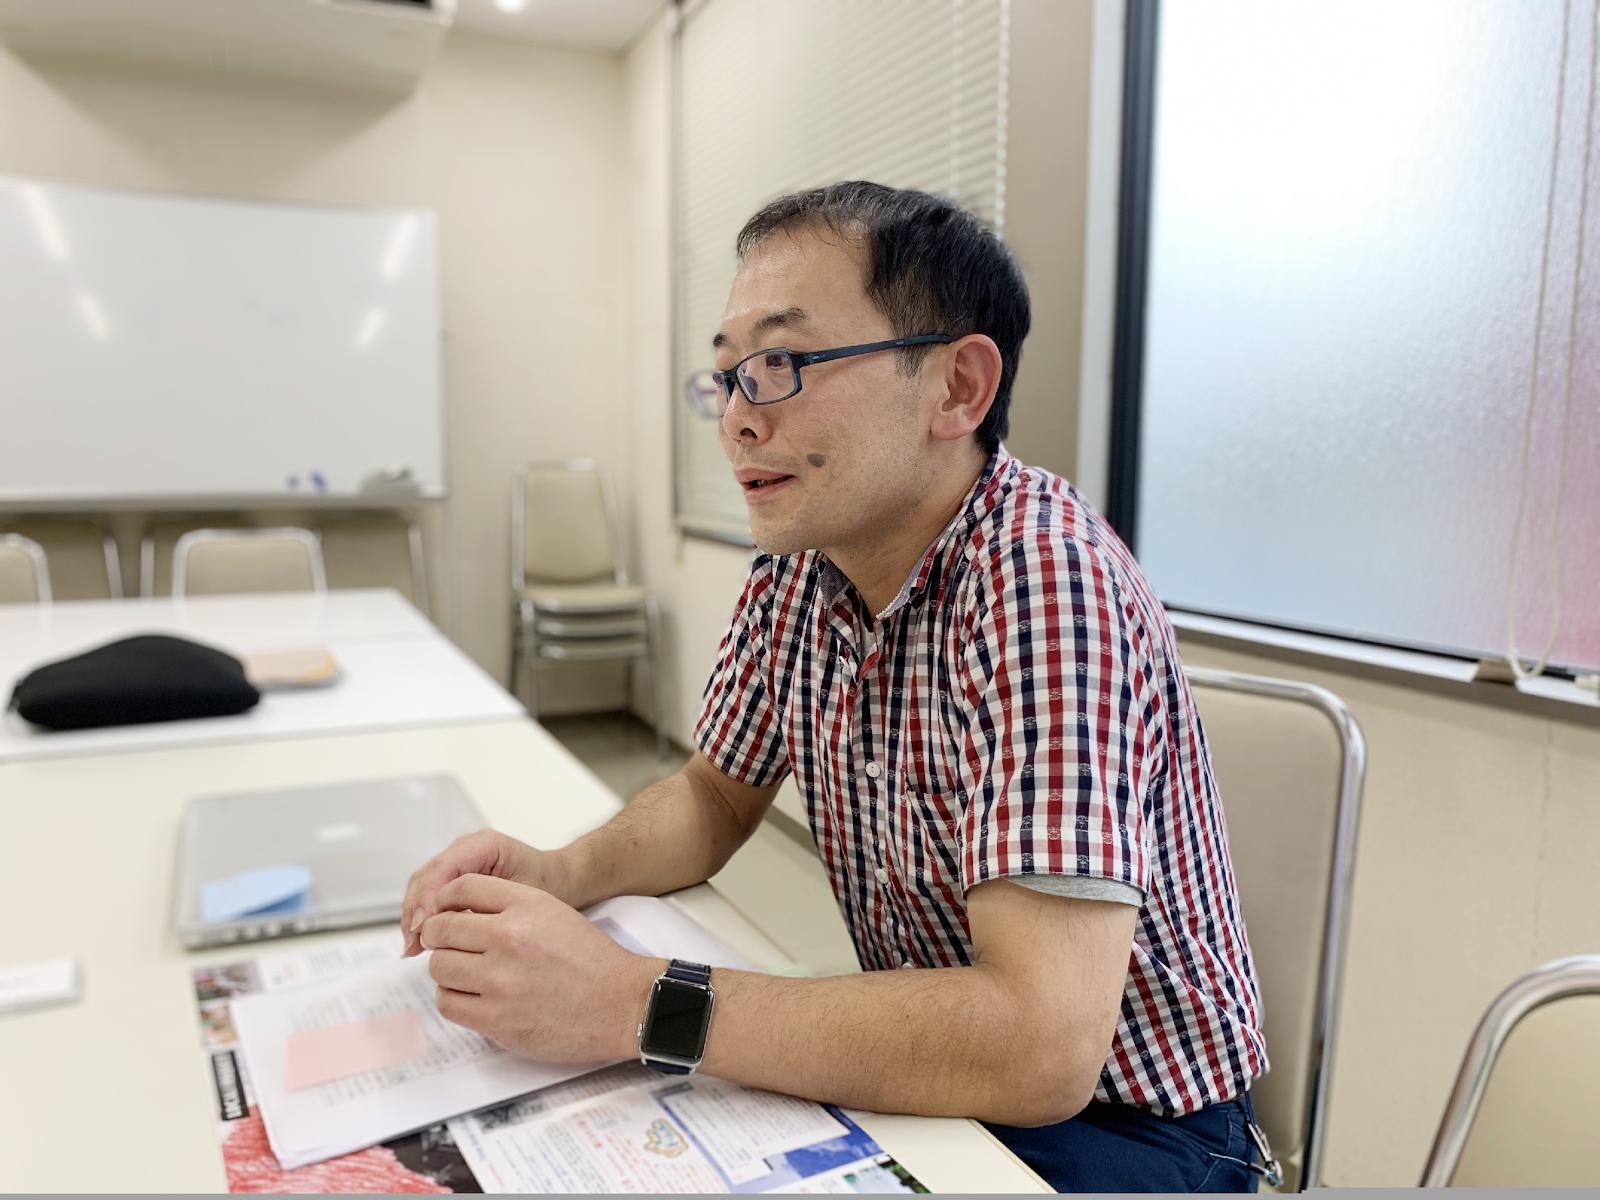 【地域プロジェクト】デコるヘッドマークプロジェクトチームインタビュー